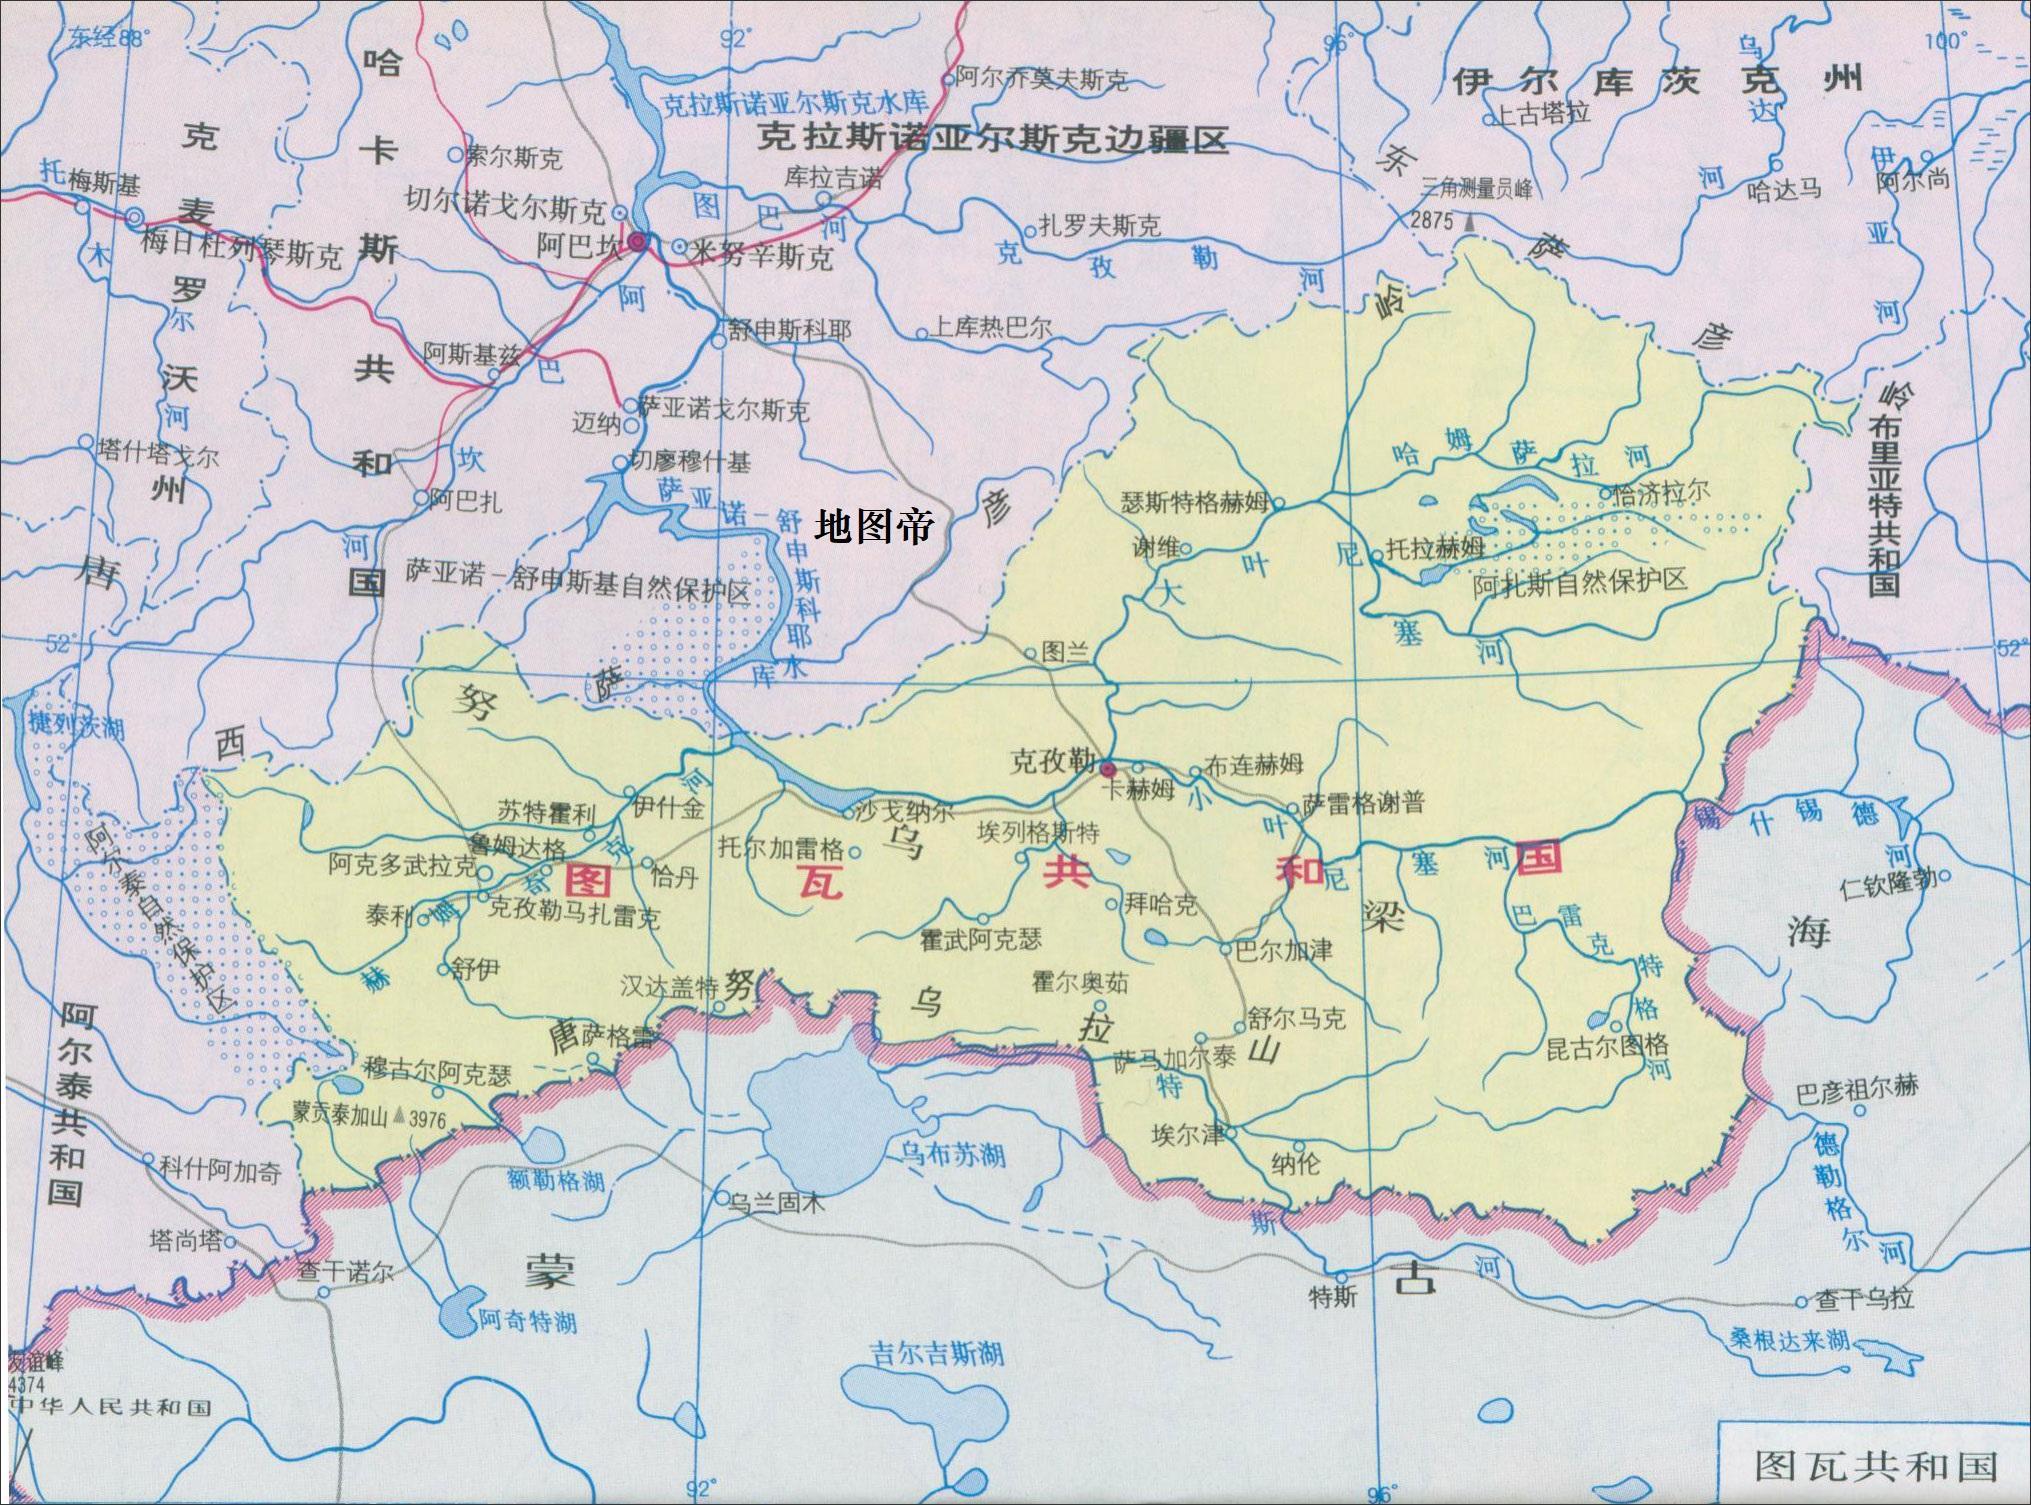 黑山县地图 - 黑山县卫星地图 - 黑山县高清航拍地图